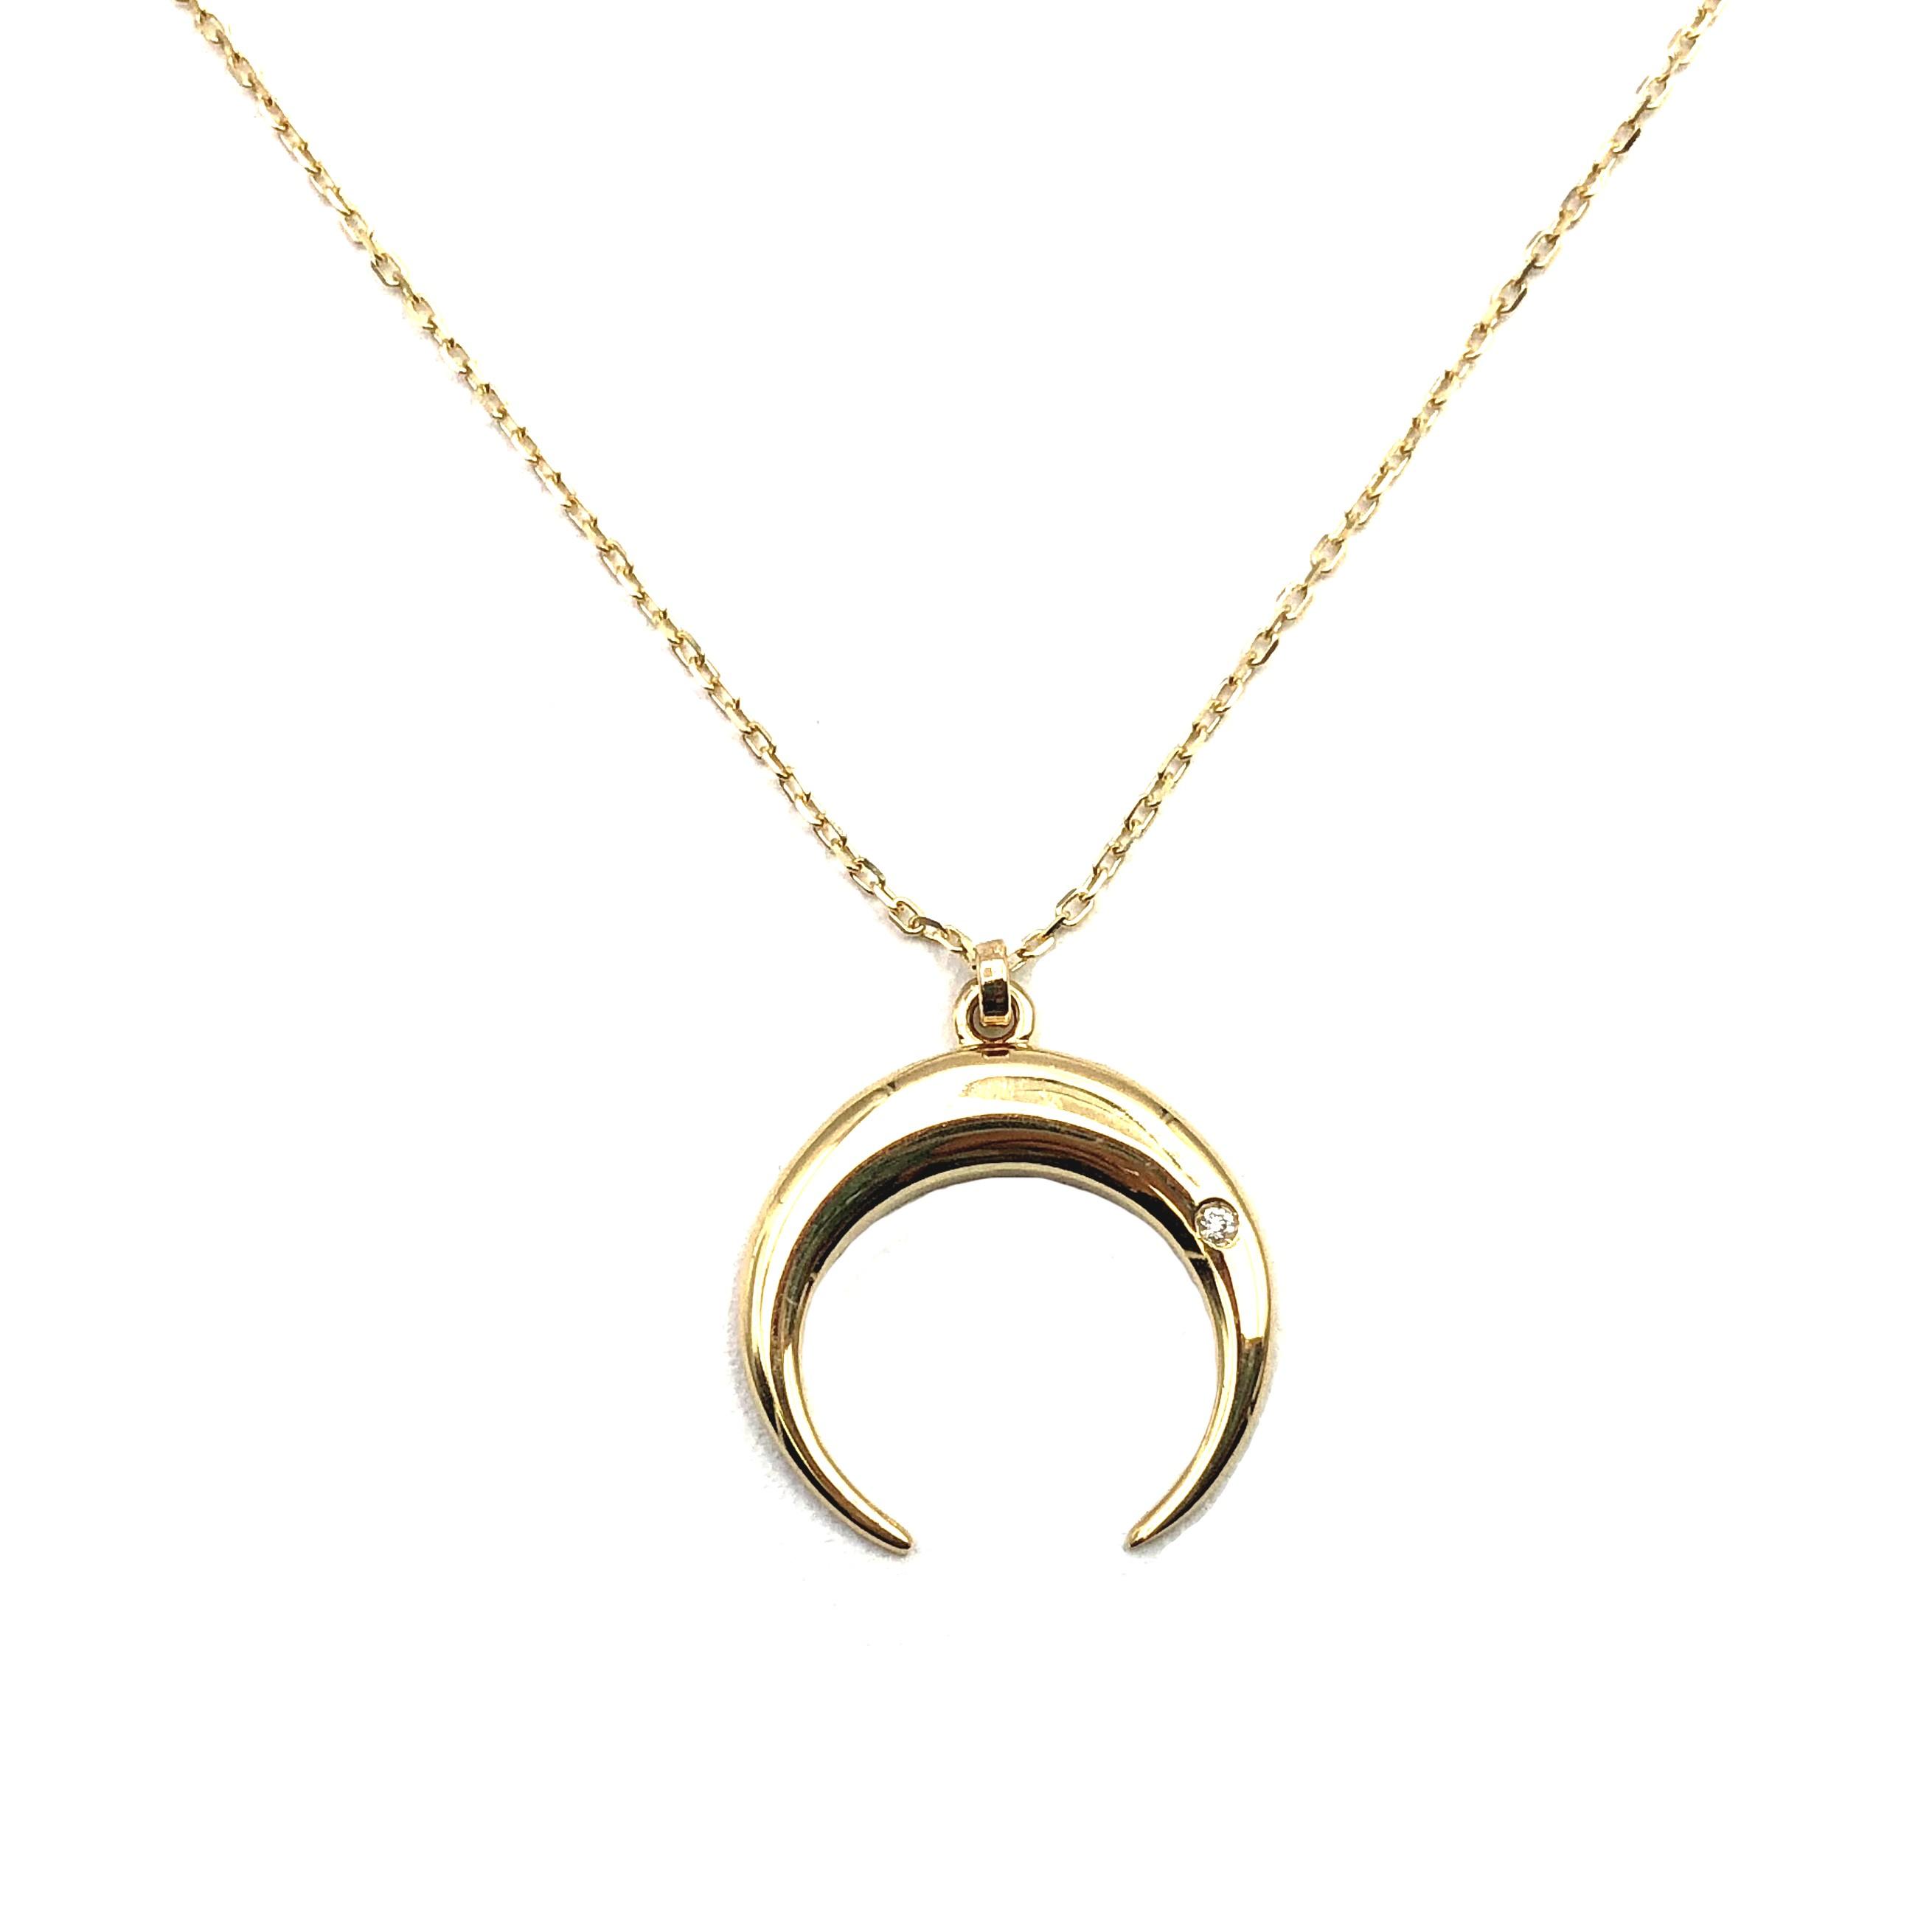 b1efe496d3a8 Gargantilla de oro y diamante media luna colgante media luna joyería juan  luis larráyoz pamplona